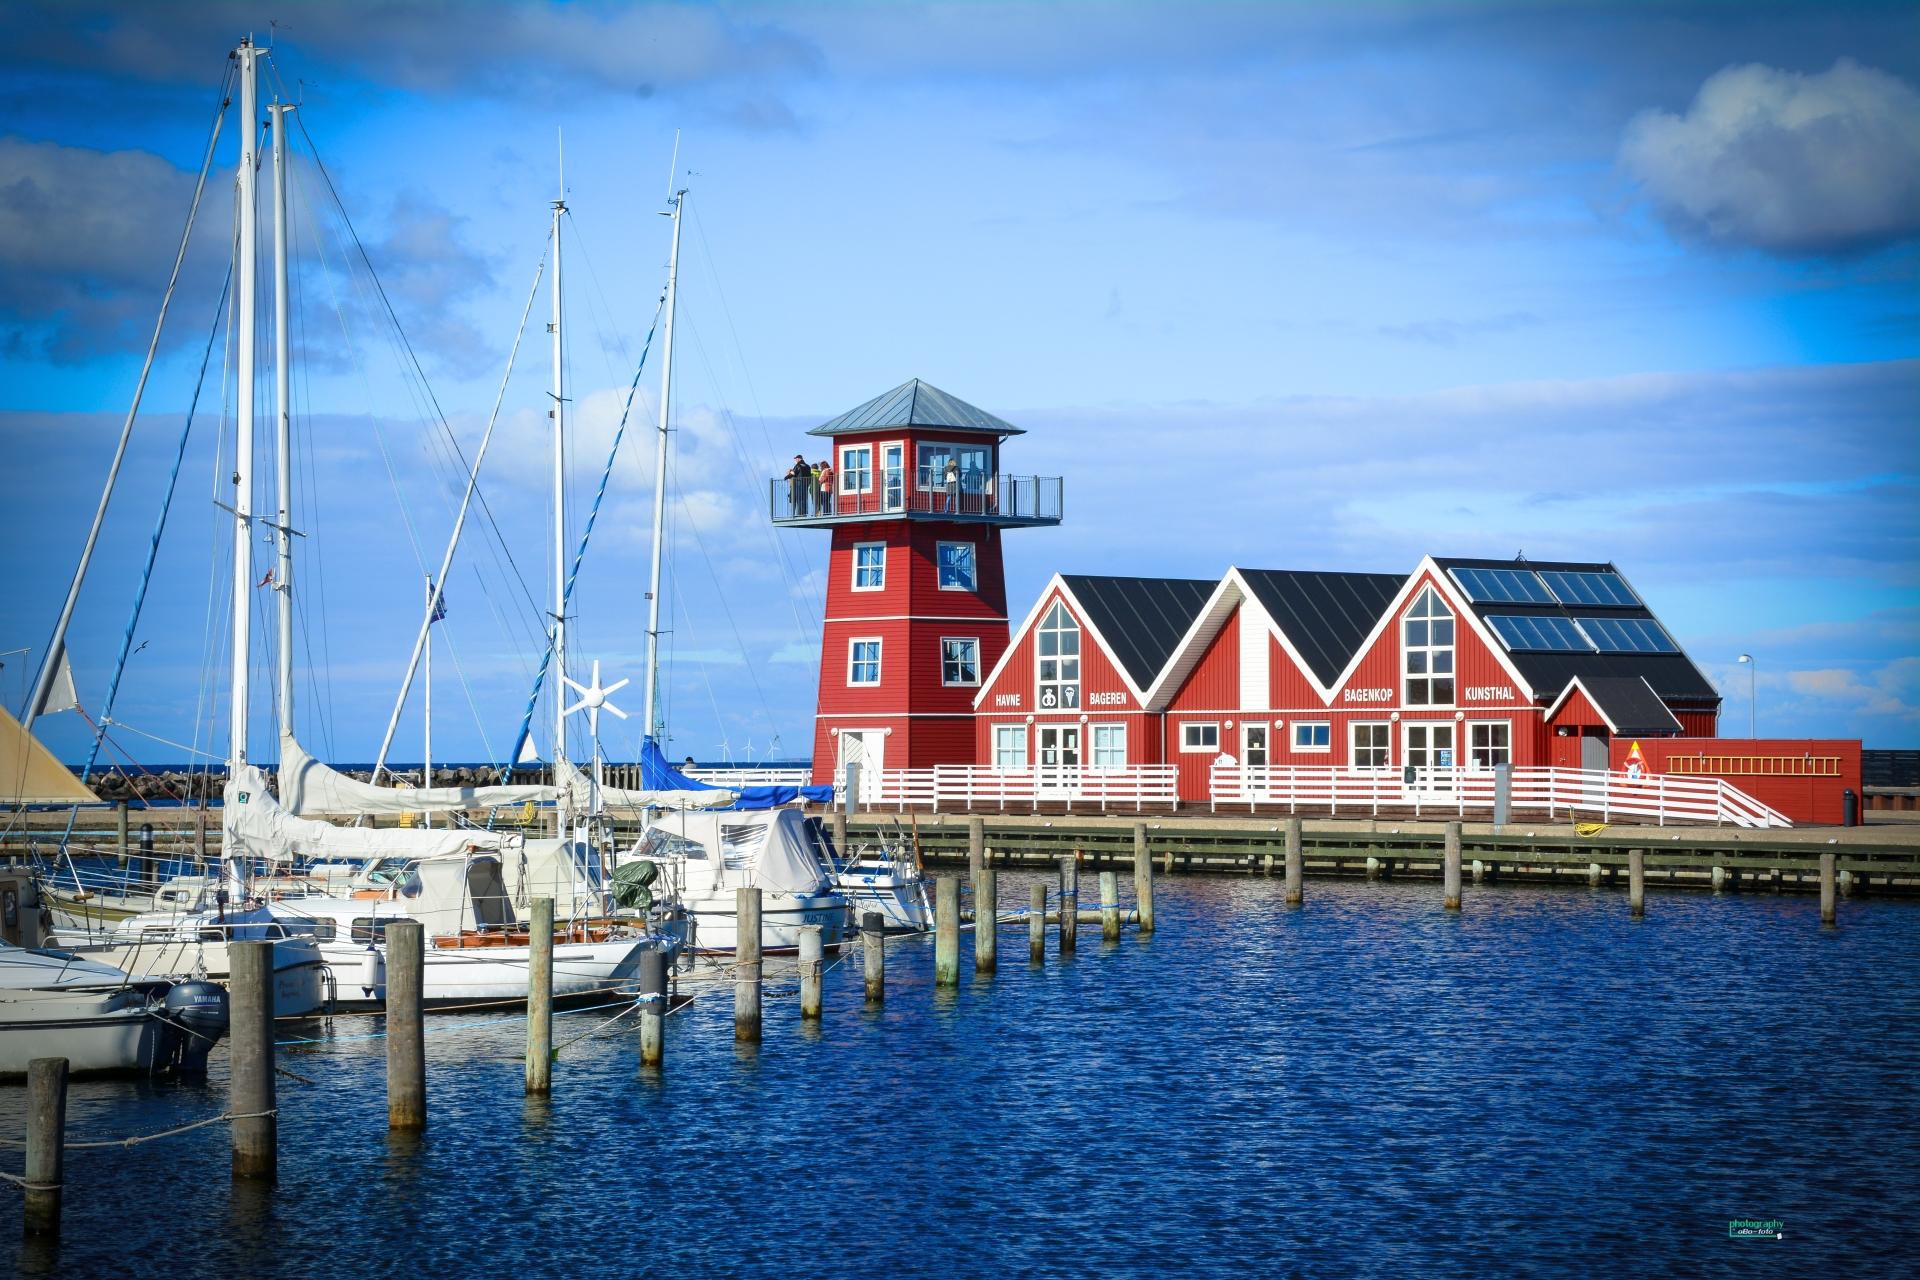 Udrejsecentret på det sydlige Langeland kan skade turismen på hele øen, siger destinationschef. Her foto fra netop Bagenkop. Wikipediafoto: Olaf Bork CC 4.0